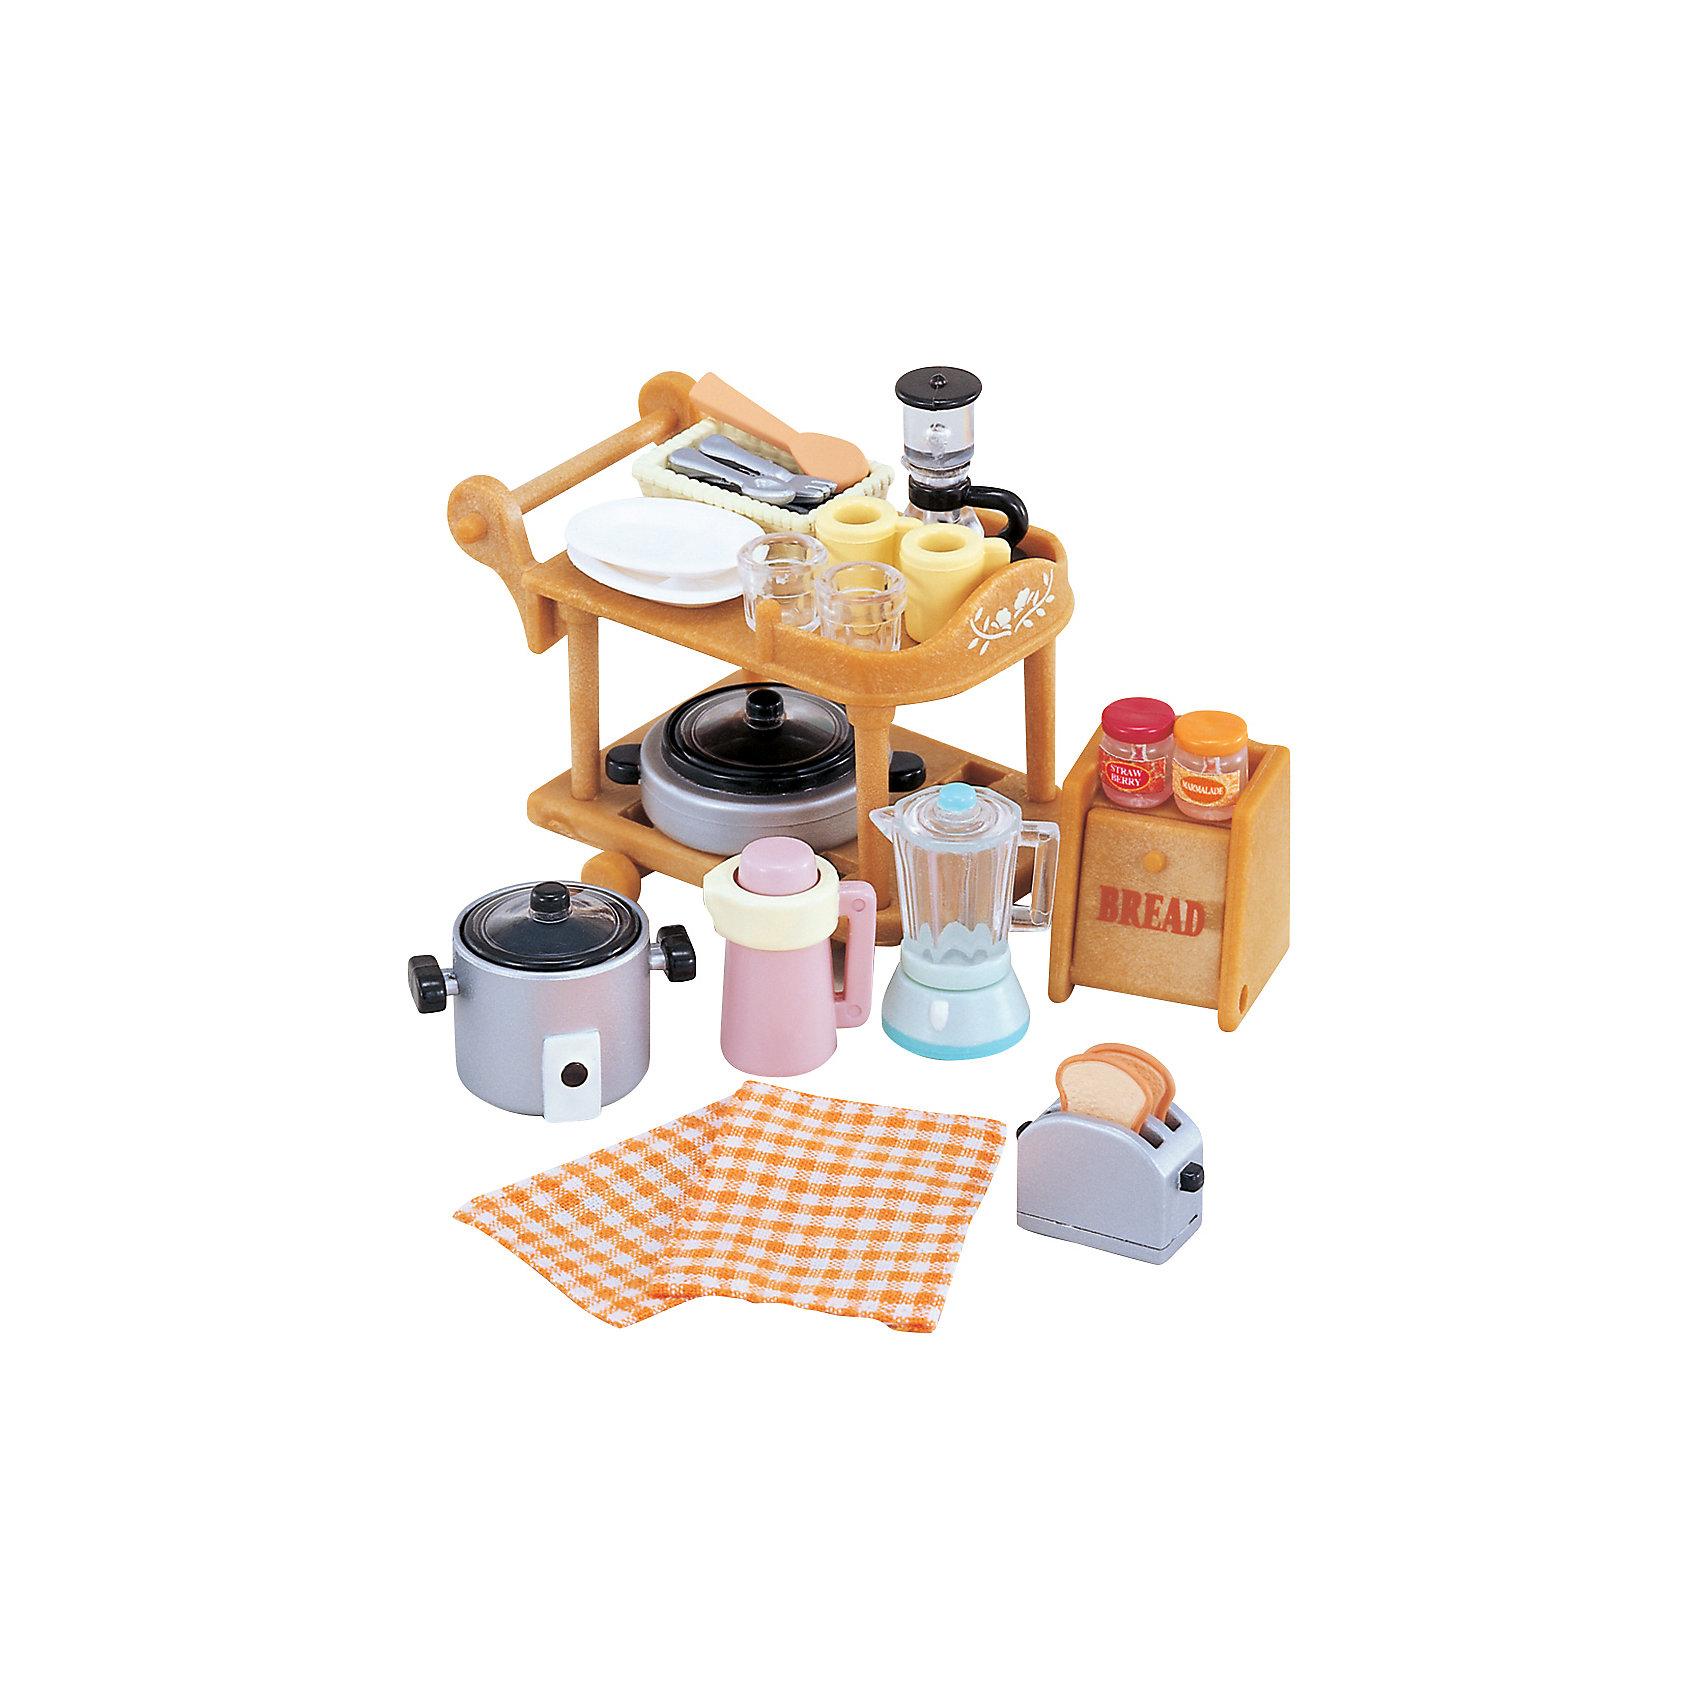 - Набор Кухонная посуда, Sylvanian Families красный лагерь на открытом воздухе кемпинга кухонная посуда кухонная посуда кухонная посуда 2 3 человек пикник посуда посуда teapot set